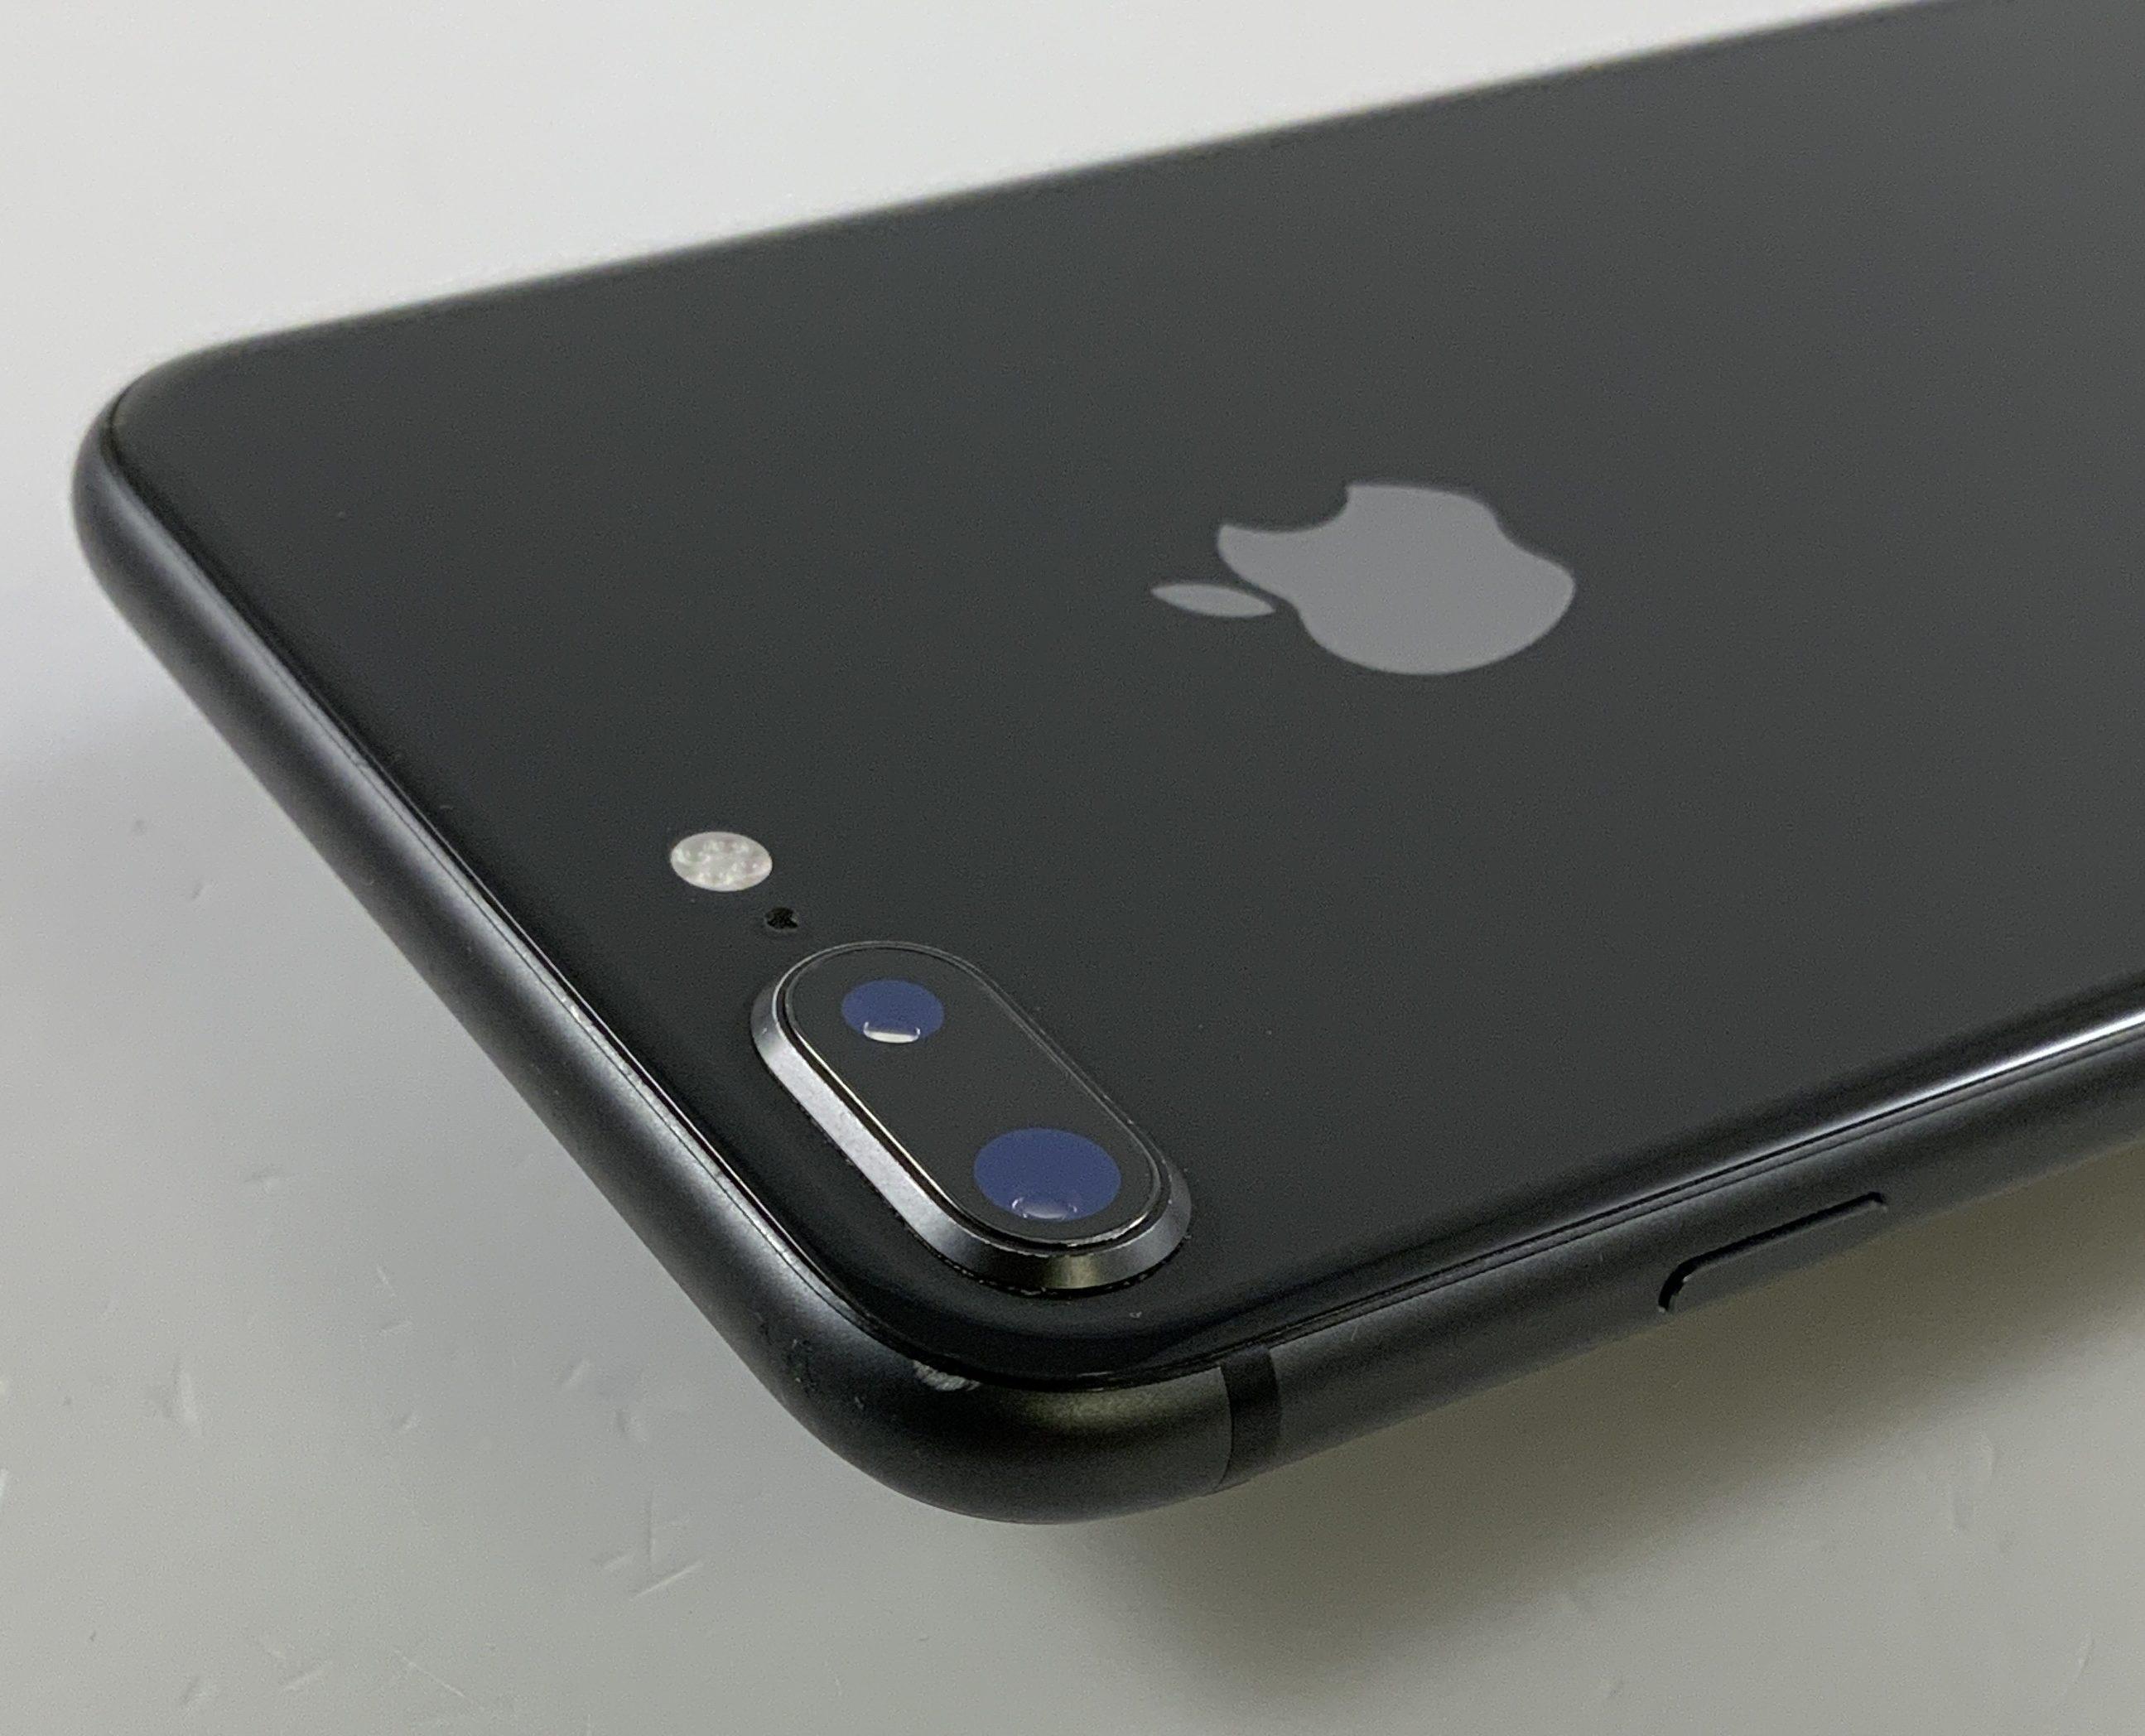 iPhone 8 Plus 256GB, 256GB, Space Gray, bild 4